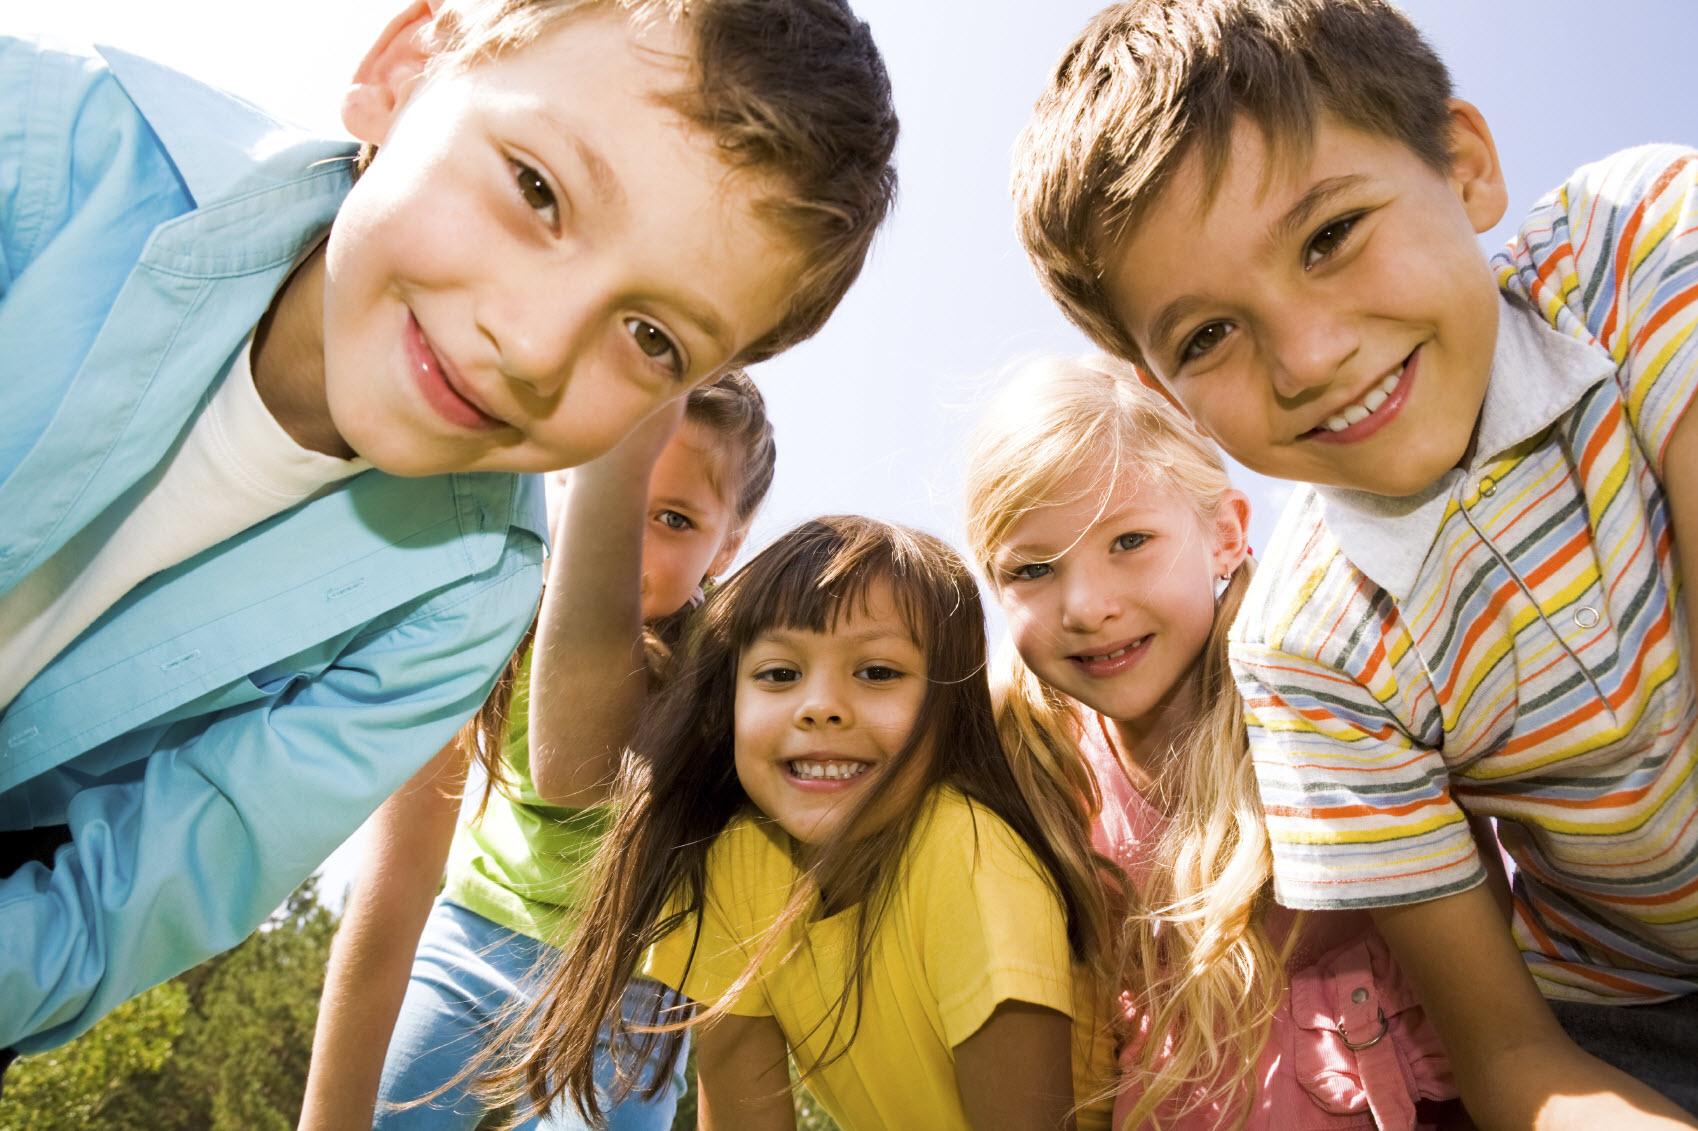 La importancia de la educación emocional en los niños | Blog de Mindic